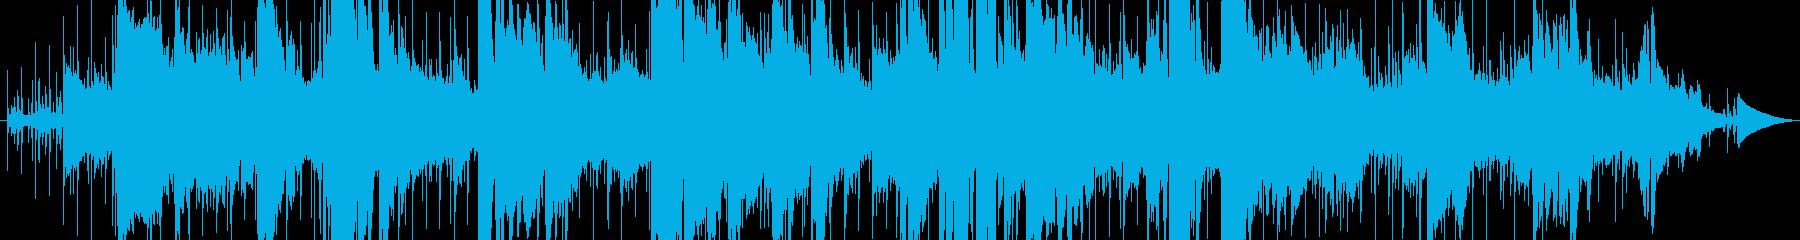 ジャズとファンク。ソロの深夜のトラ...の再生済みの波形